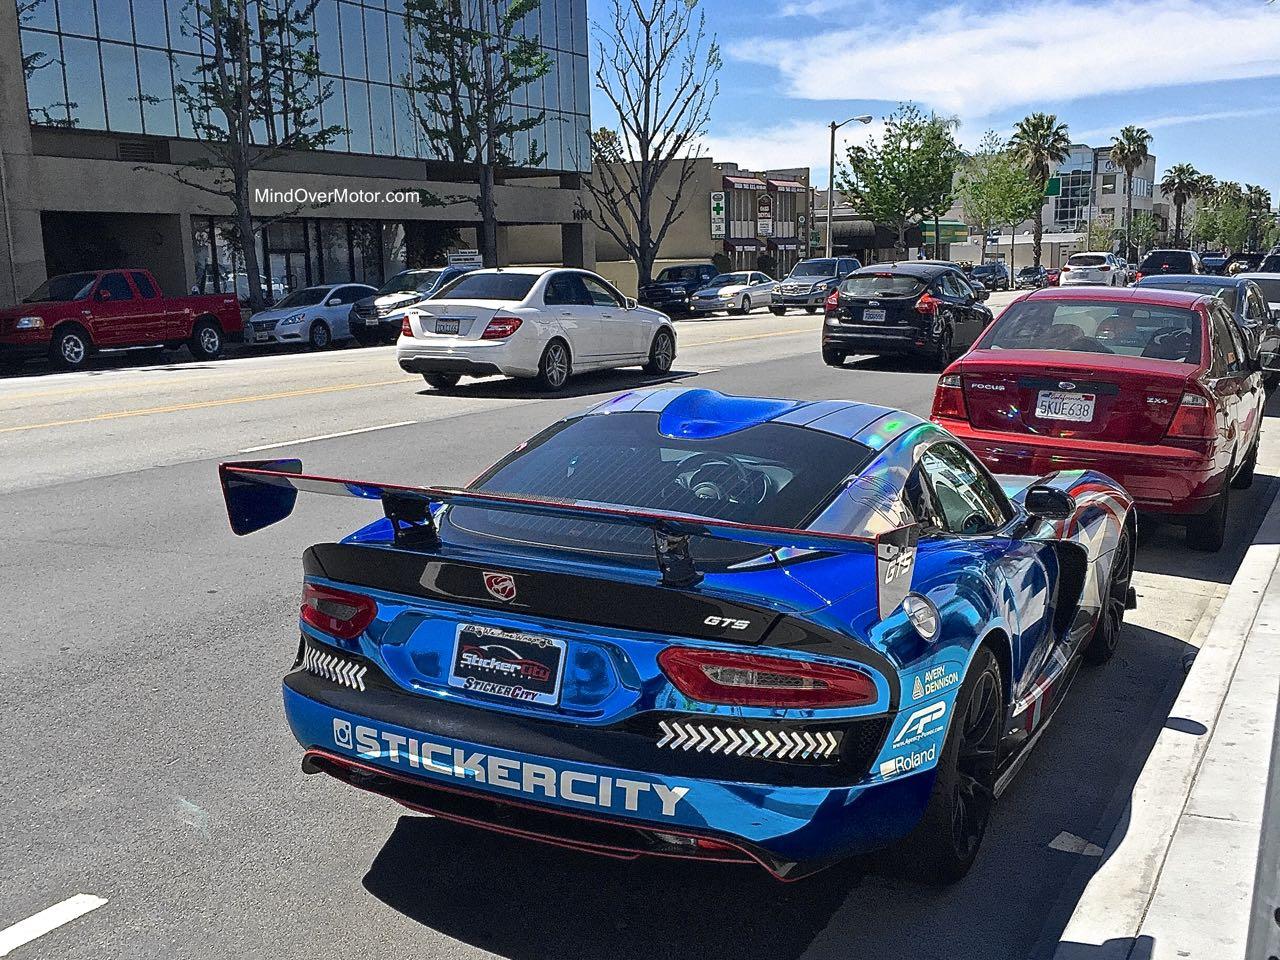 StickerCity Viper GTS Rear